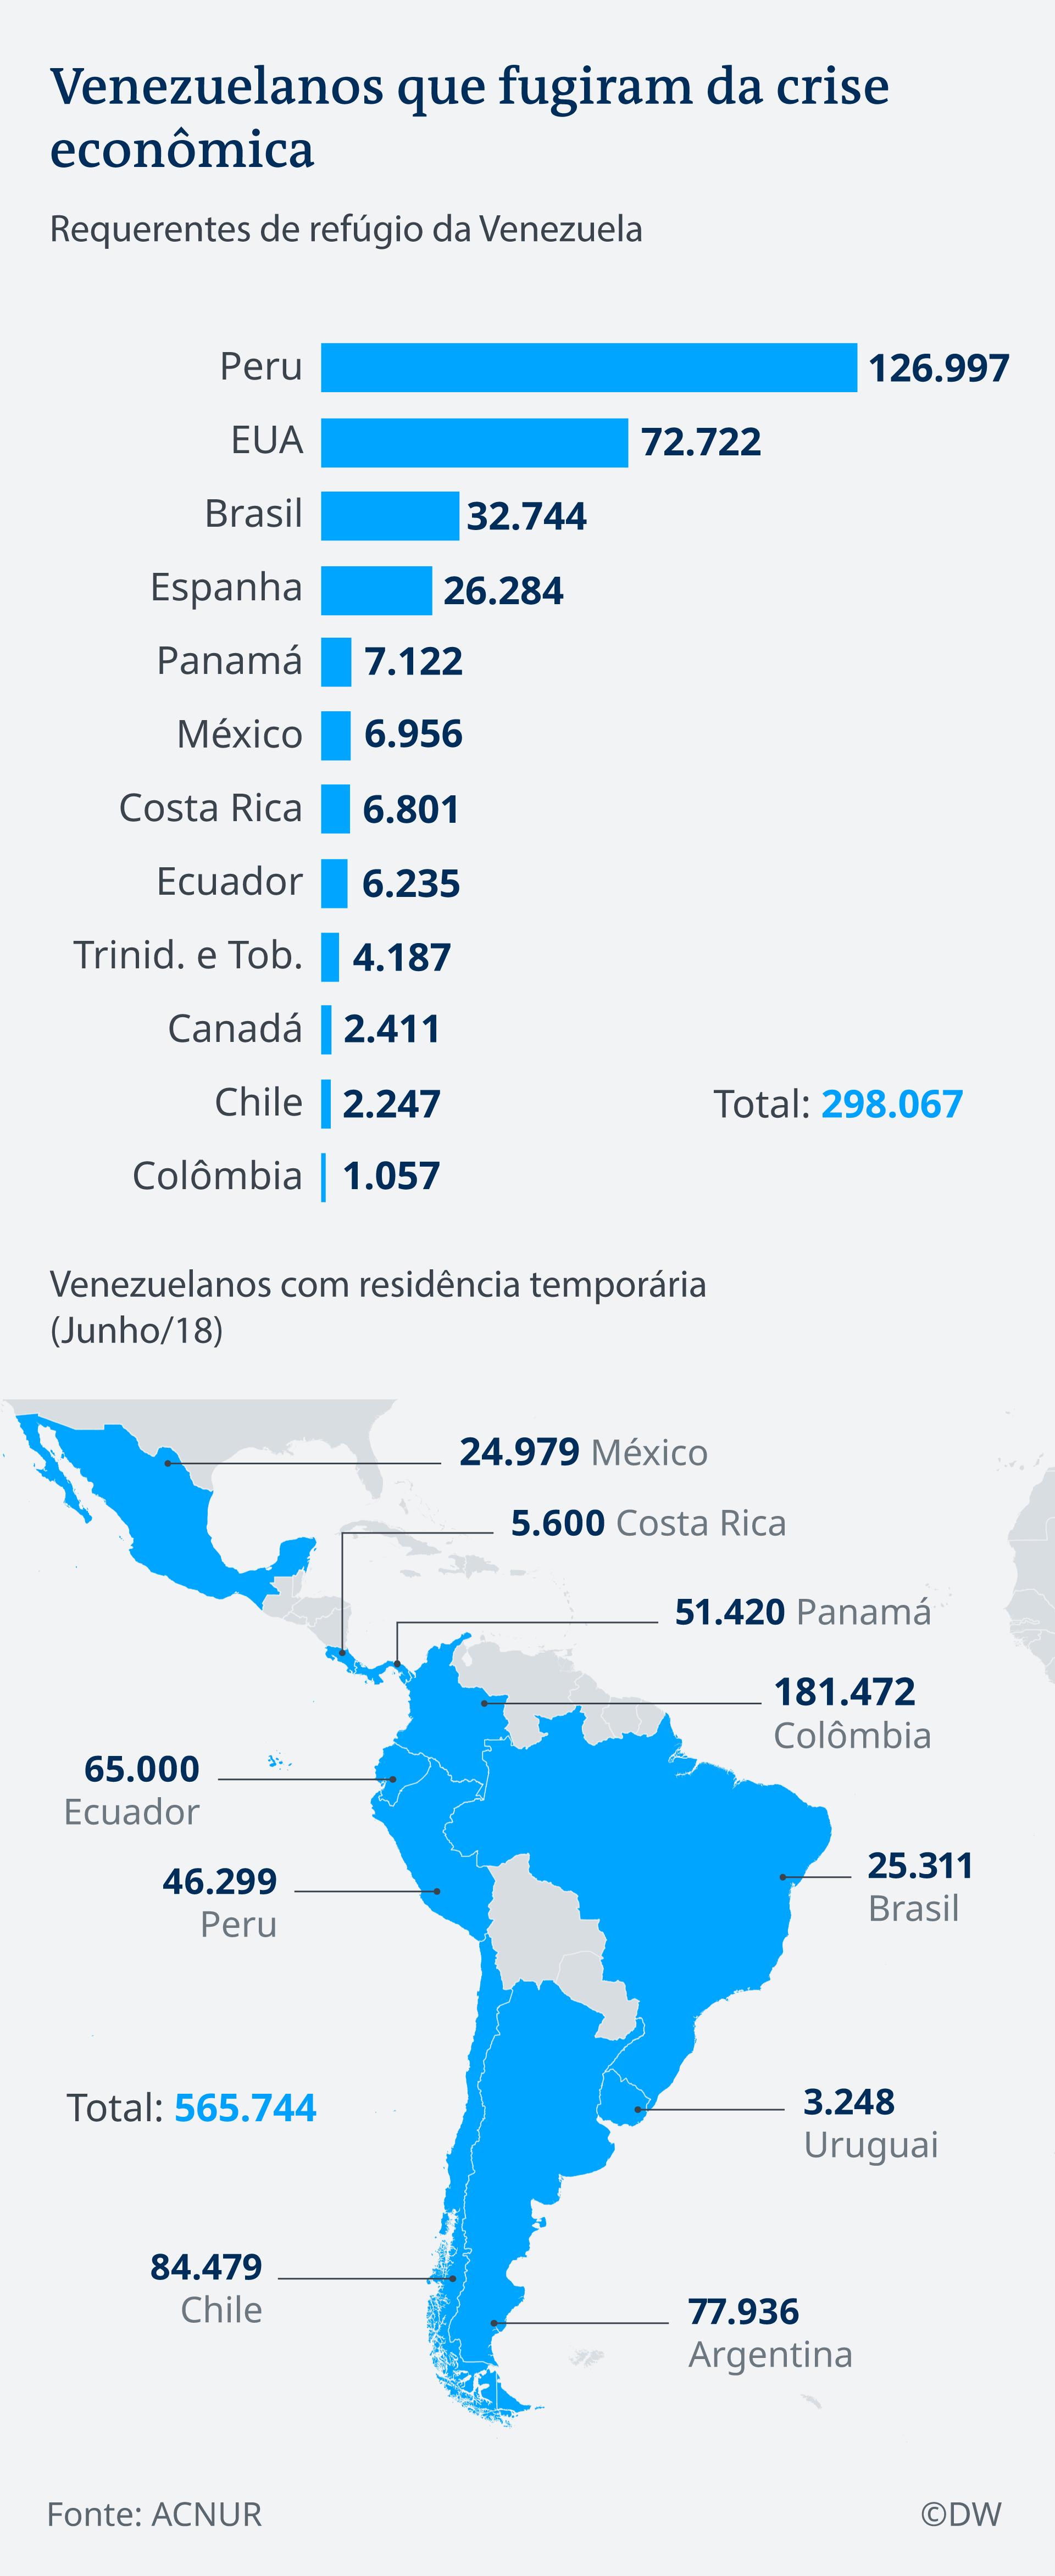 Venezuelanos que fugiram da crise econômica: gráfico